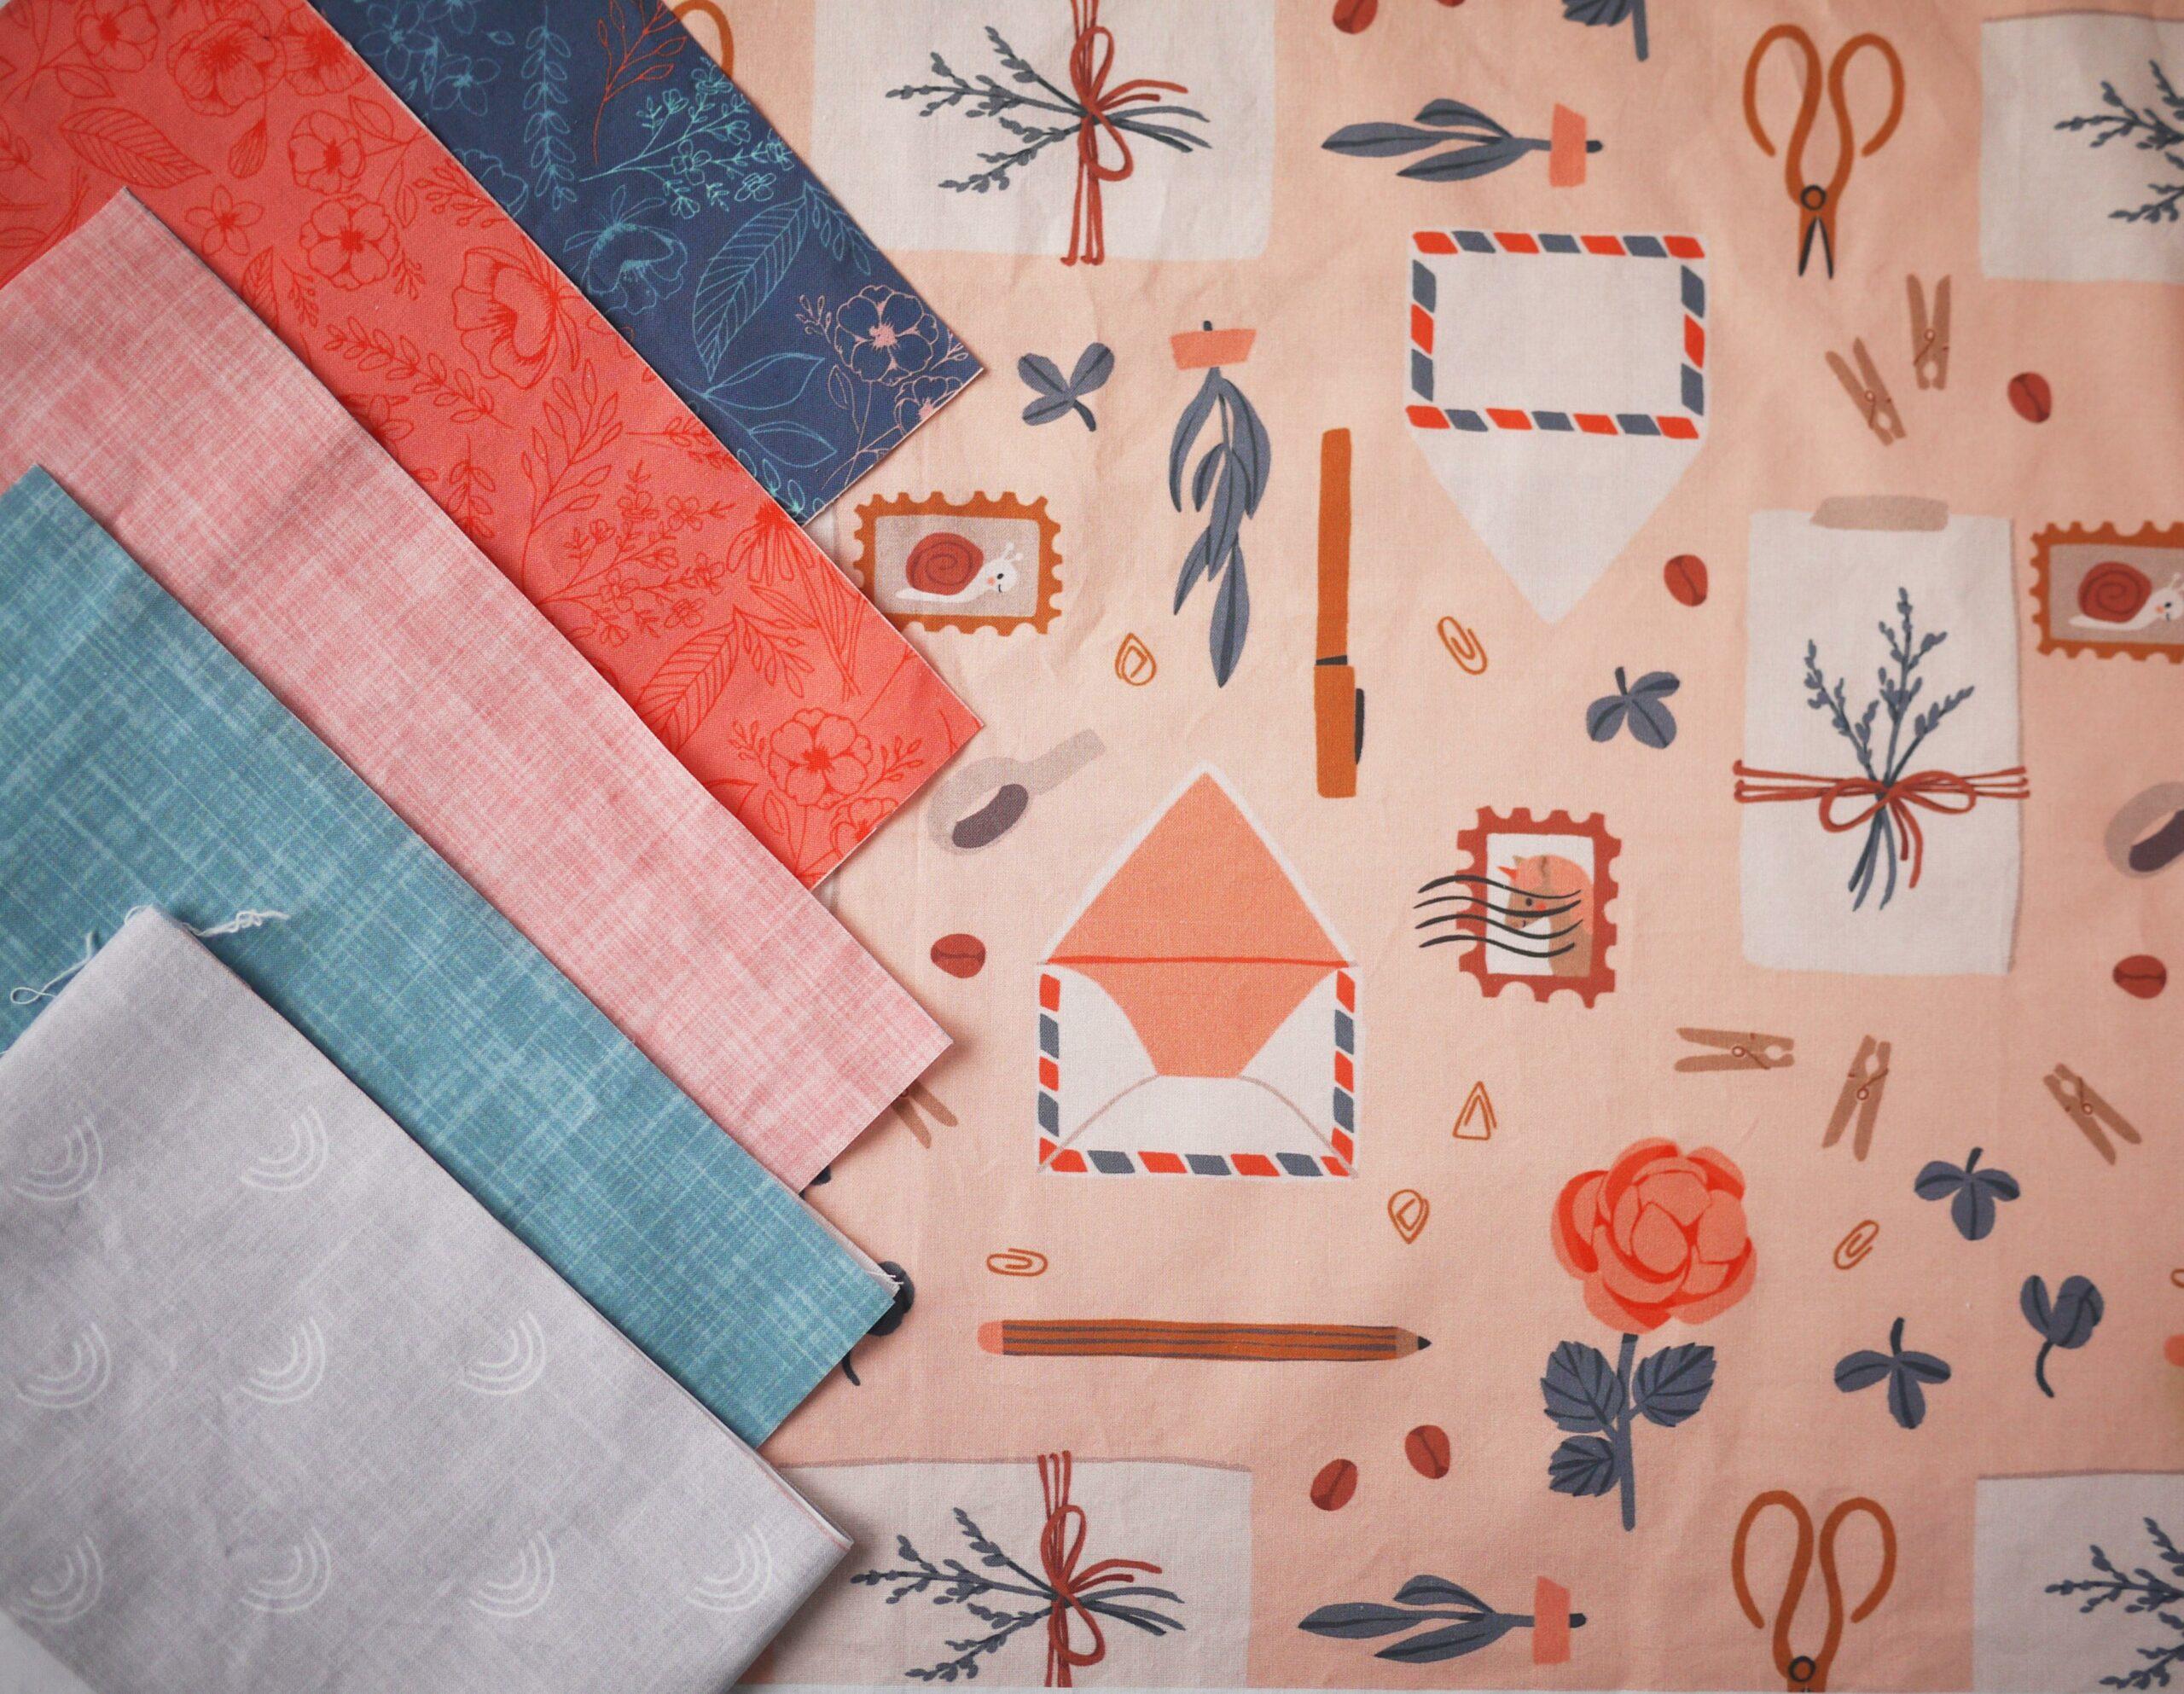 So stellst du Designs für dein Quilt zusammen